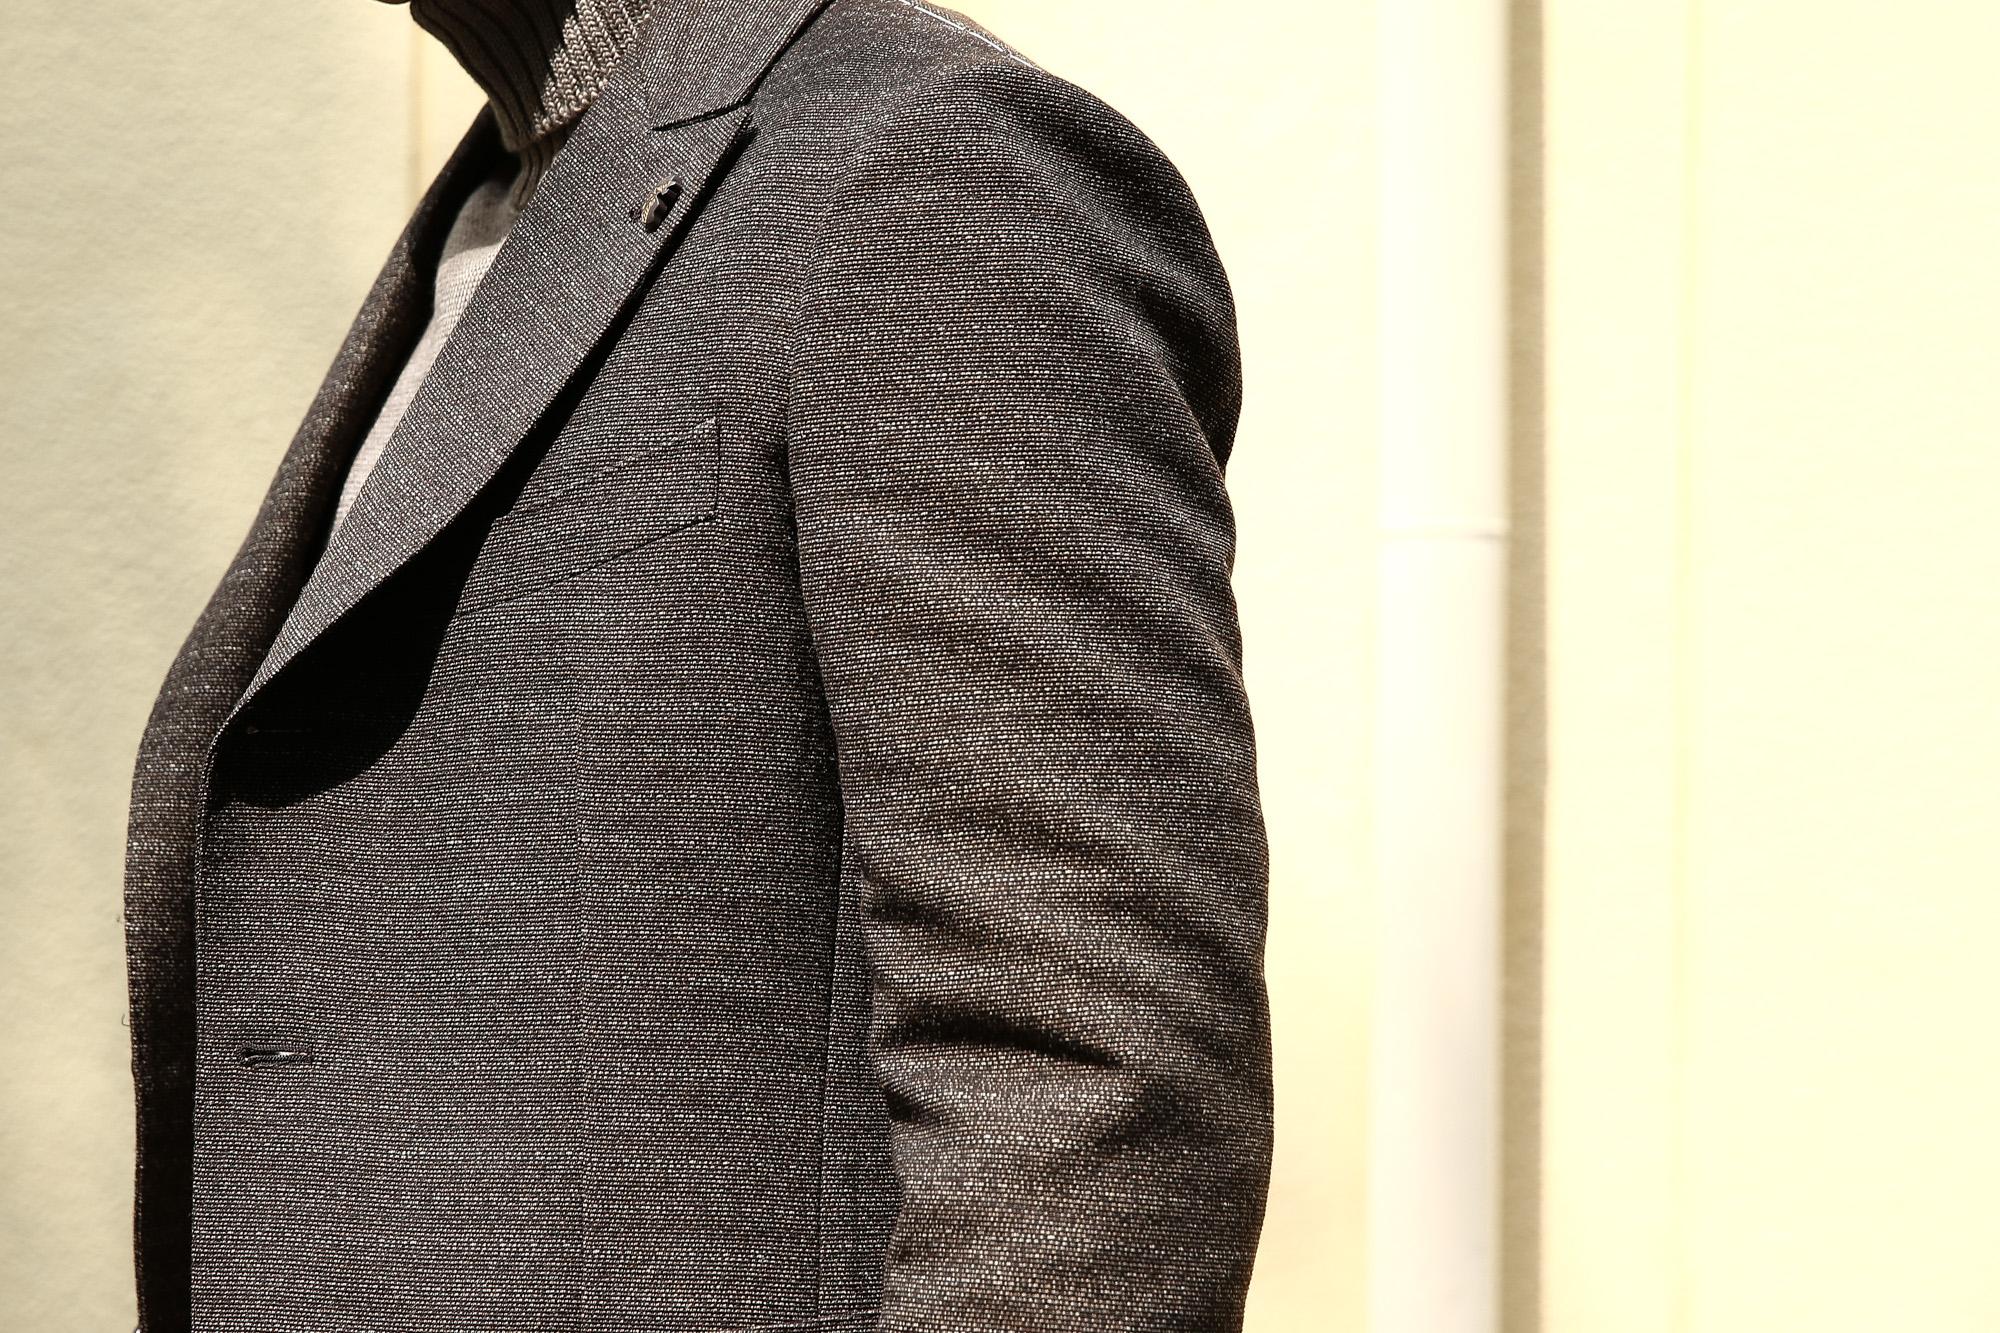 【GABRIELE PASINI /// ガブリエレ パジーニ】 JETSET ジェットセット 3ボタン段返り メランジ ウール ツイード ジャケット BROWN (ブラウン・438) 2017 秋冬新作 gabrielepasini カブリエレパジーニ 愛知 名古屋 Alto e Diritto アルト エ デリット 42,44,46,48,50,52,54